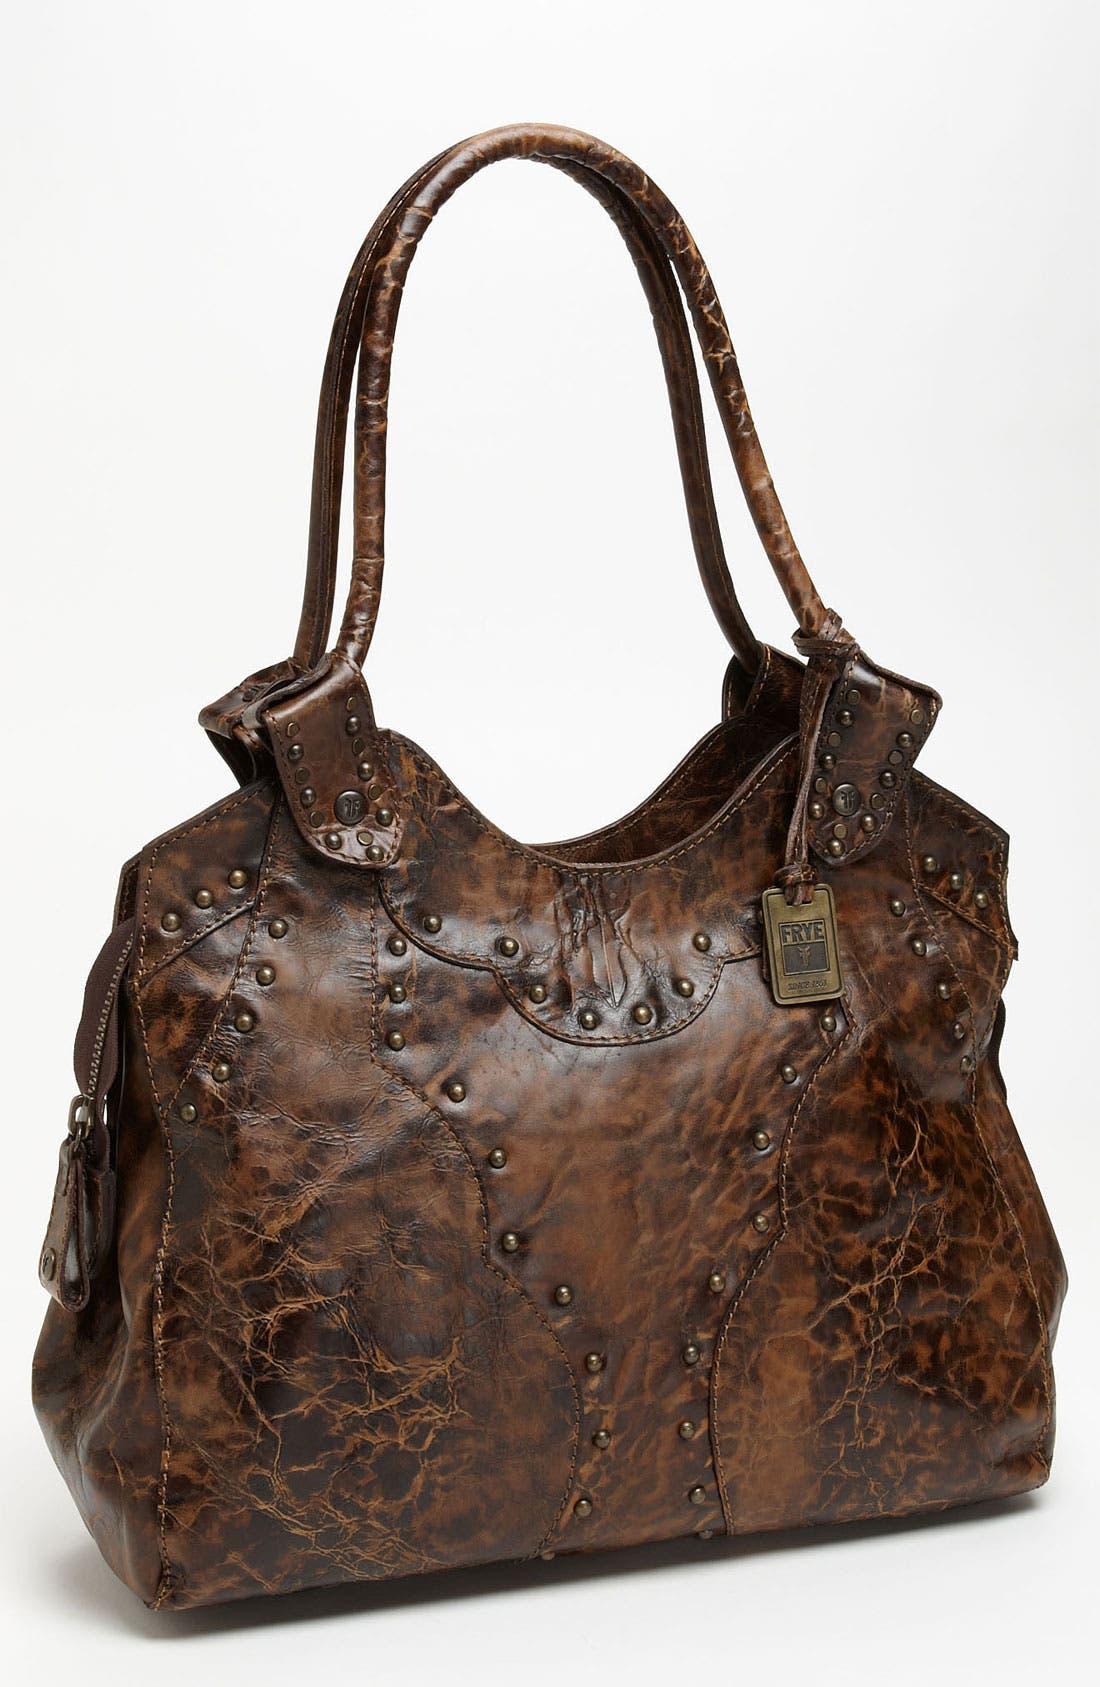 Alternate Image 1 Selected - Frye 'Vintage Stud' Shoulder Bag